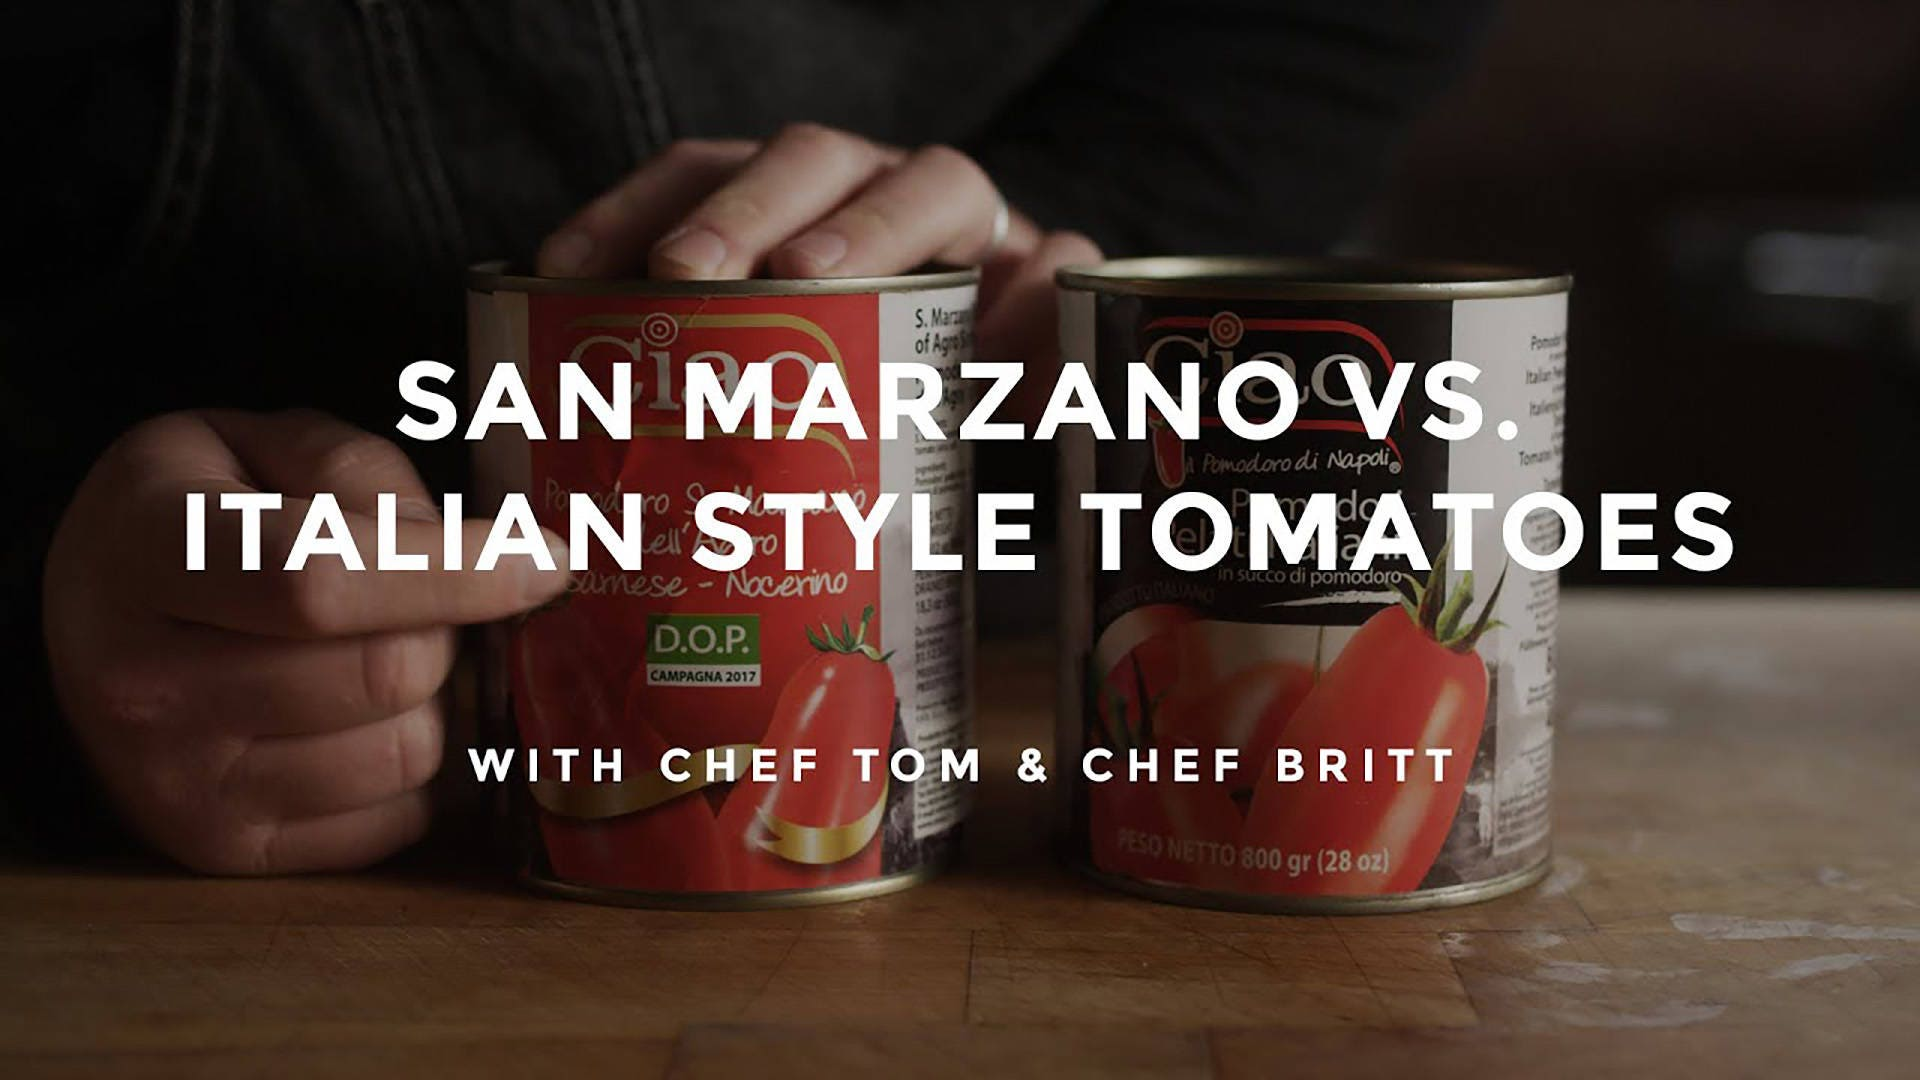 San Marzano vs. Italian Style Tomatoes